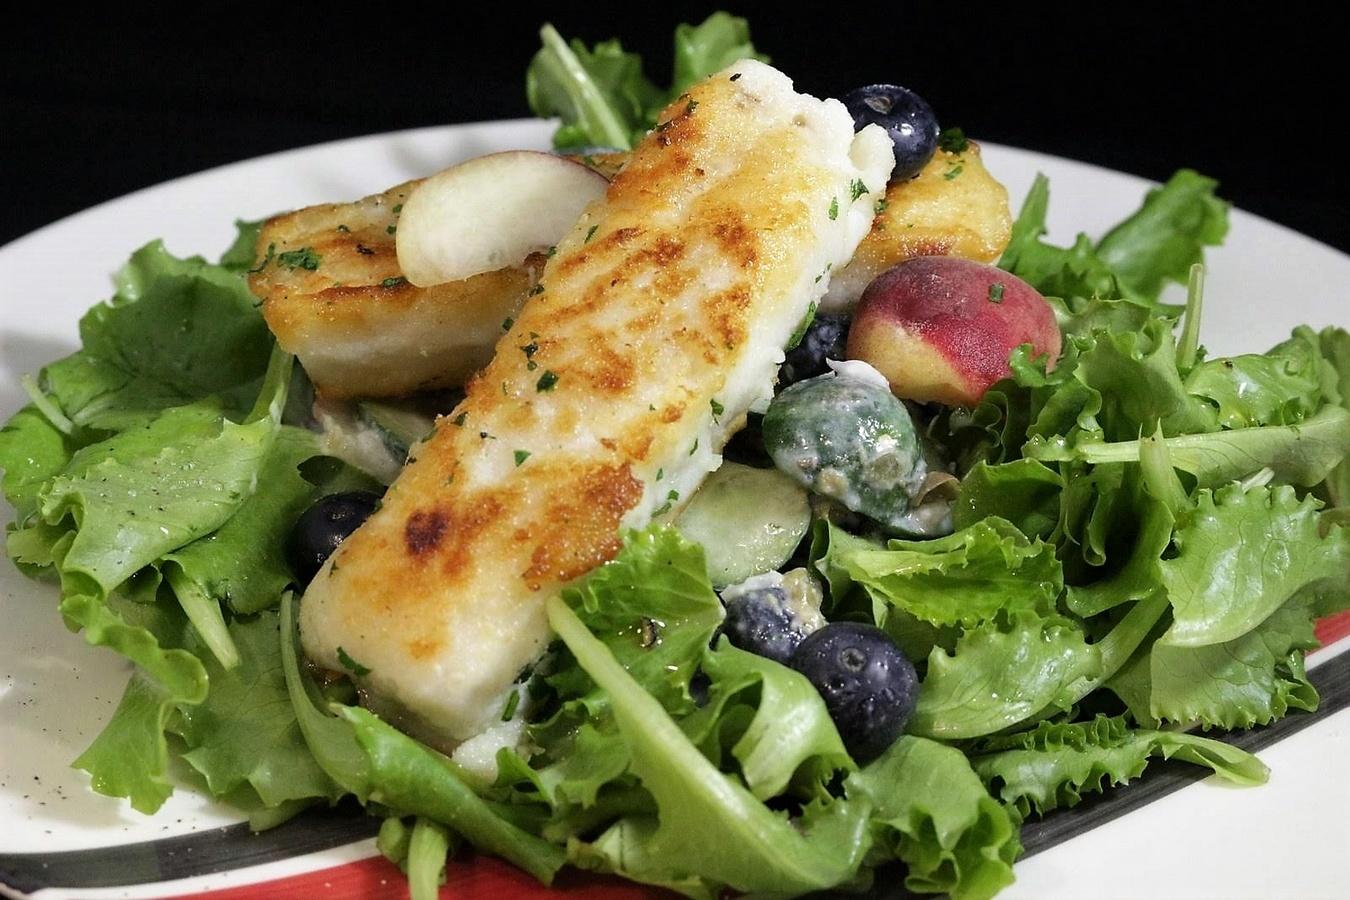 corso di cucina di pesce scuola di cucina a torino la palestra del cibo cucinare il pesce insalata di mare